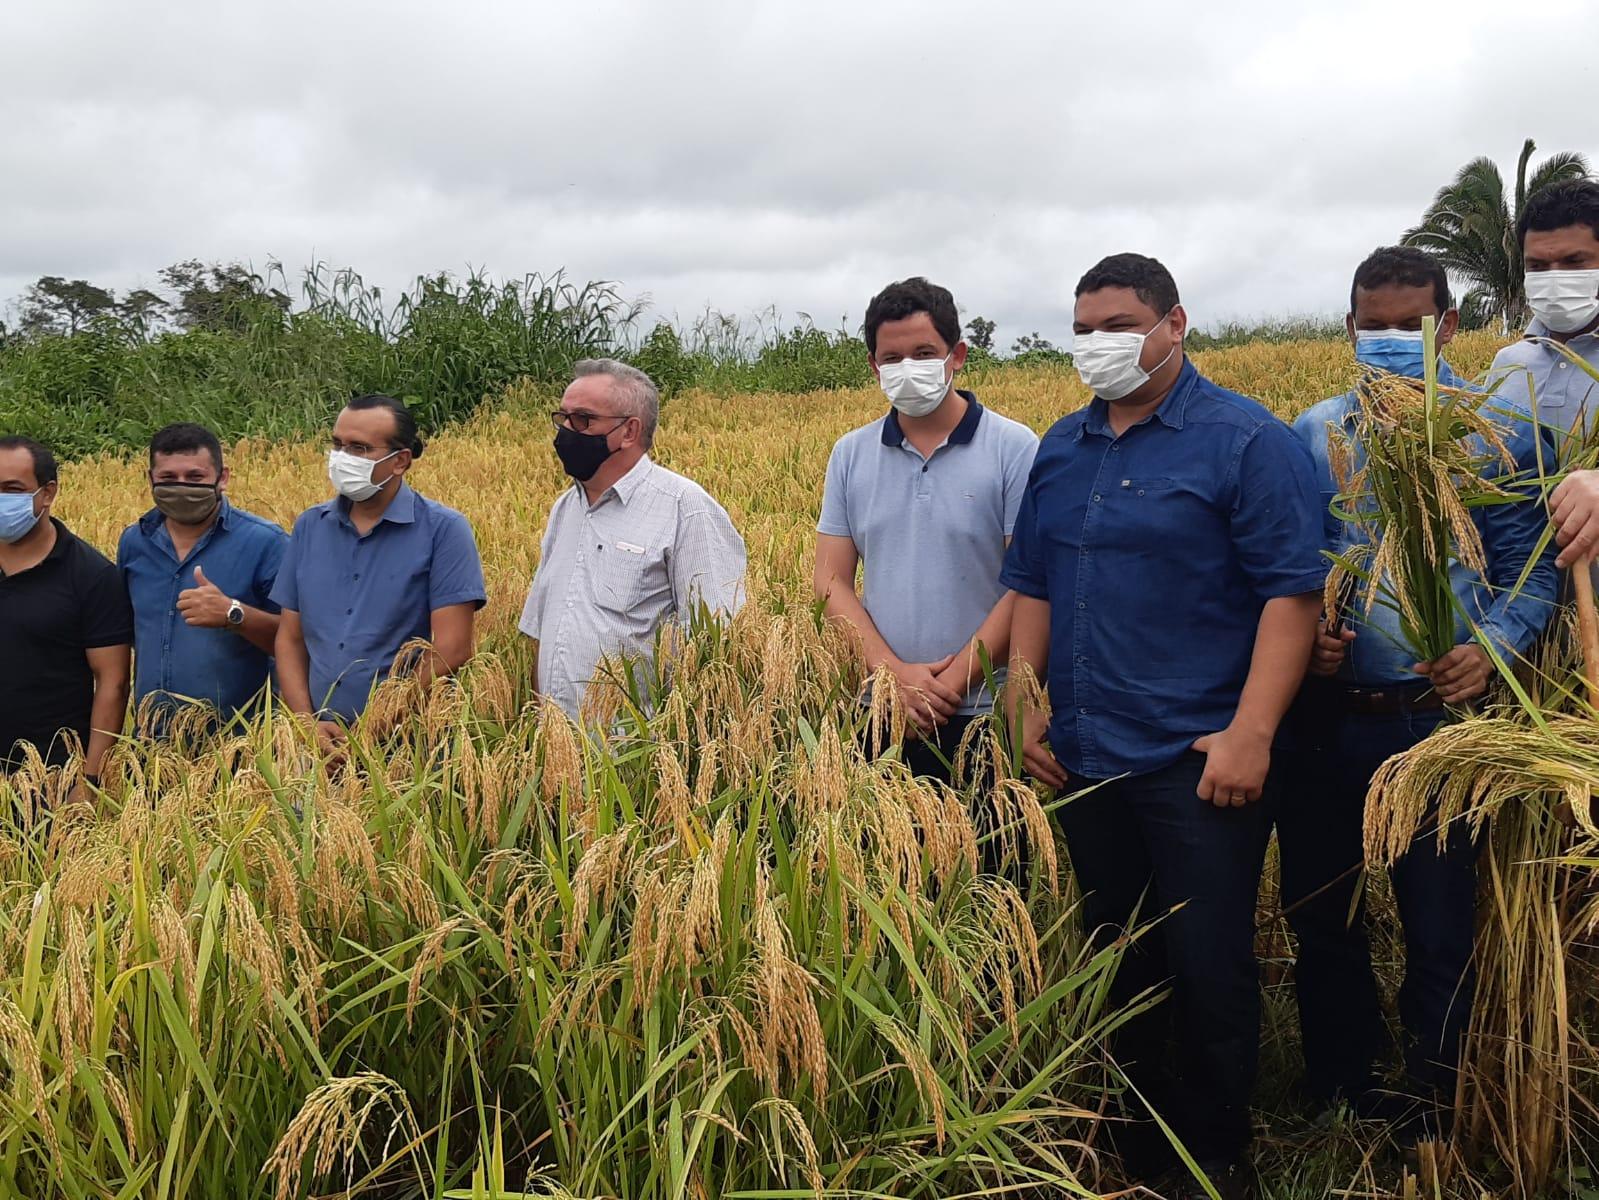 Meio Ambiente e Produção acompanham lançamento do programa de mecanização agrícola em Plácido de Castro